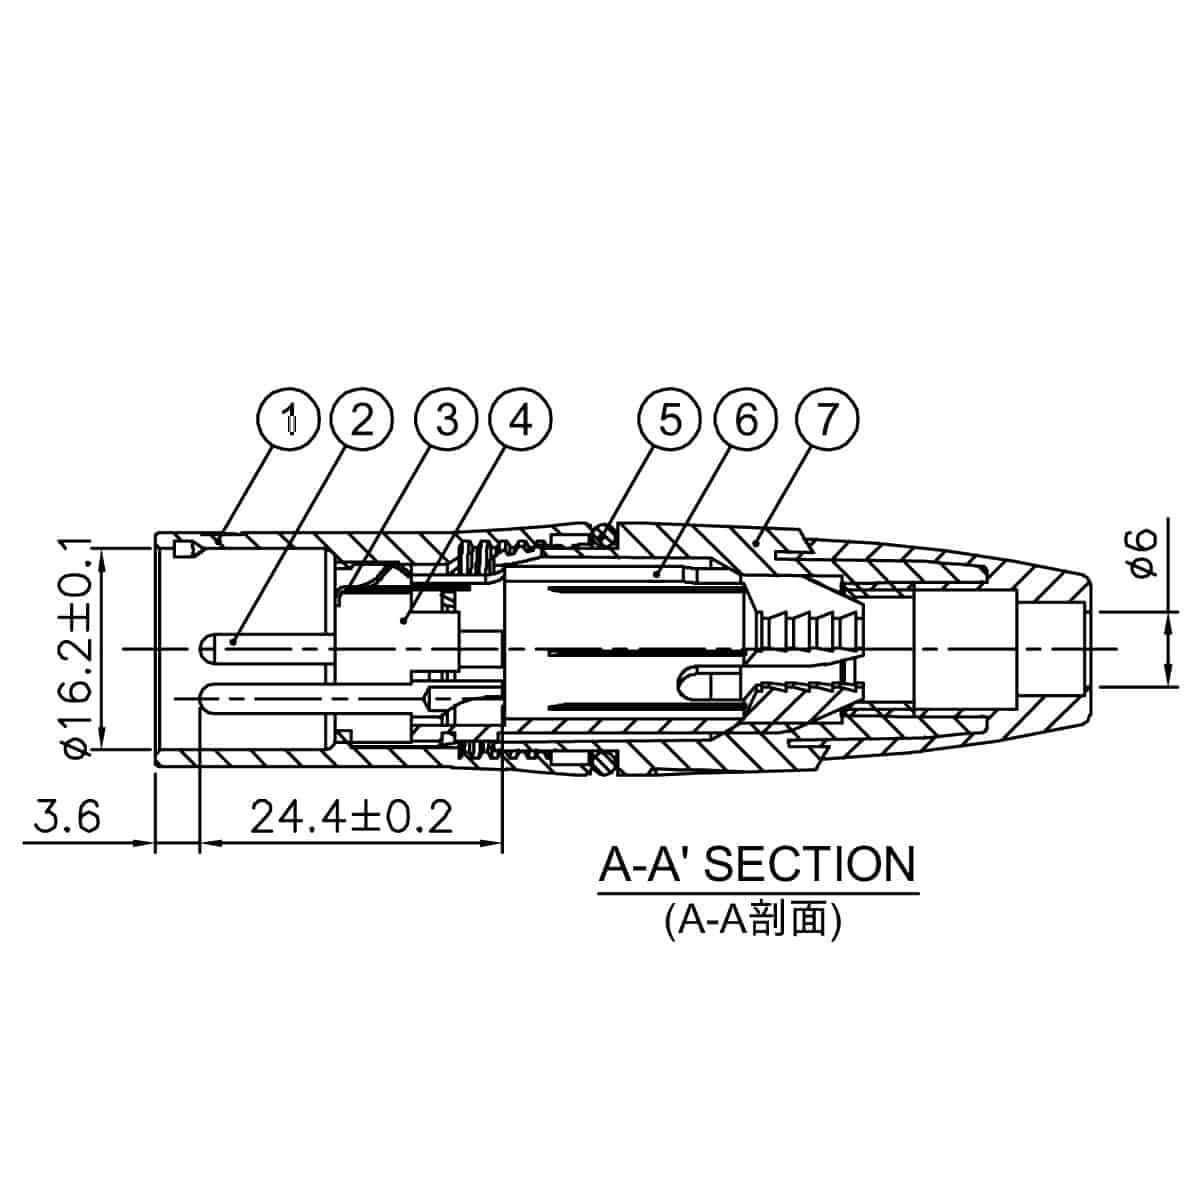 Enova Xlr 3 Pin Male Connector